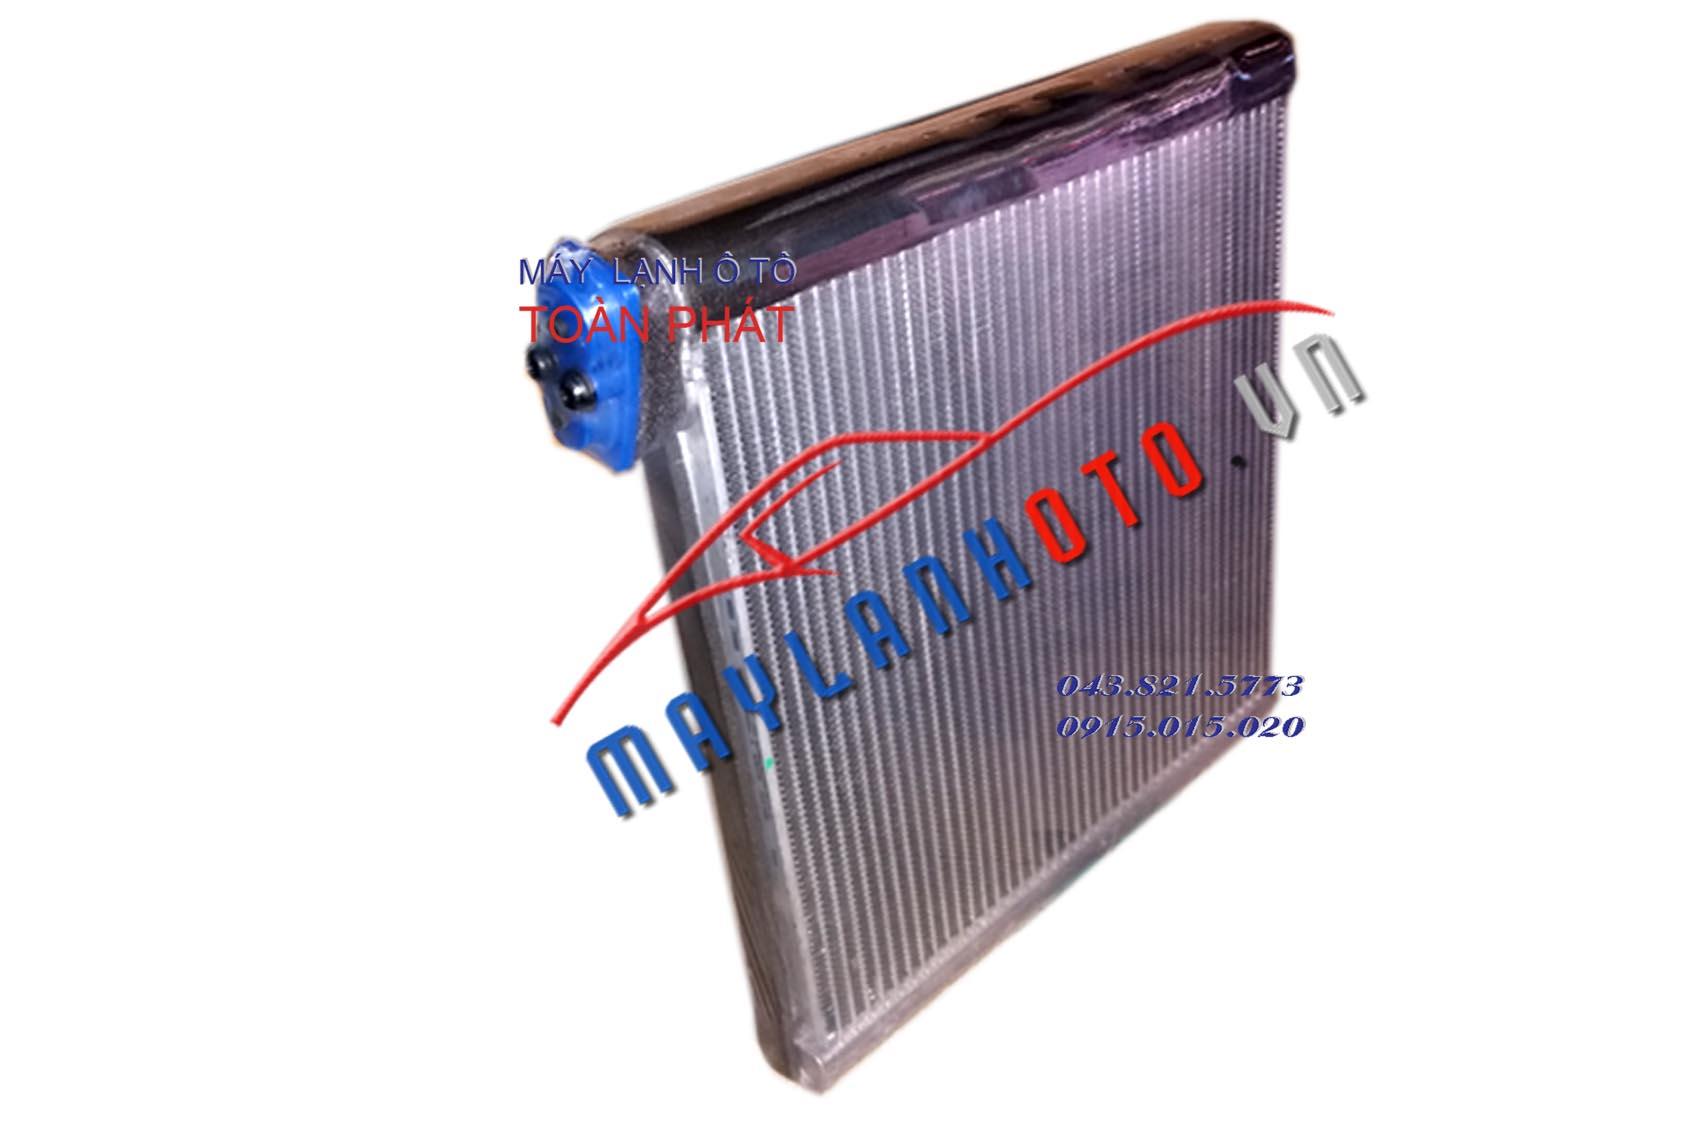 RX300 / Giàn lạnh điều hòa LEXUS RX300 / Dàn lạnh điều hòa LEXUS RX300